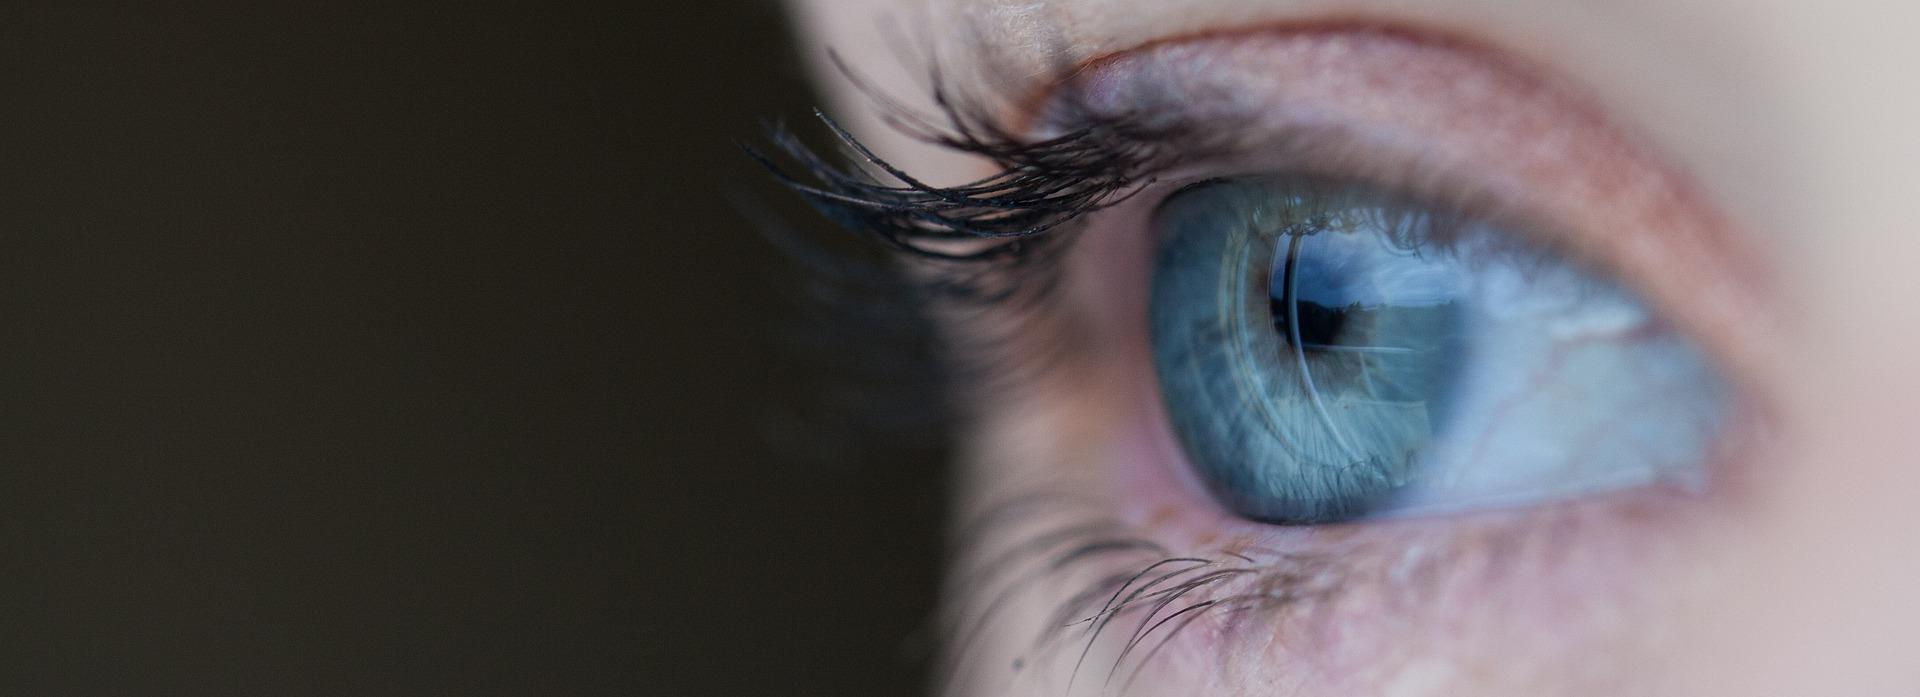 depresie cu ochi turcoaz